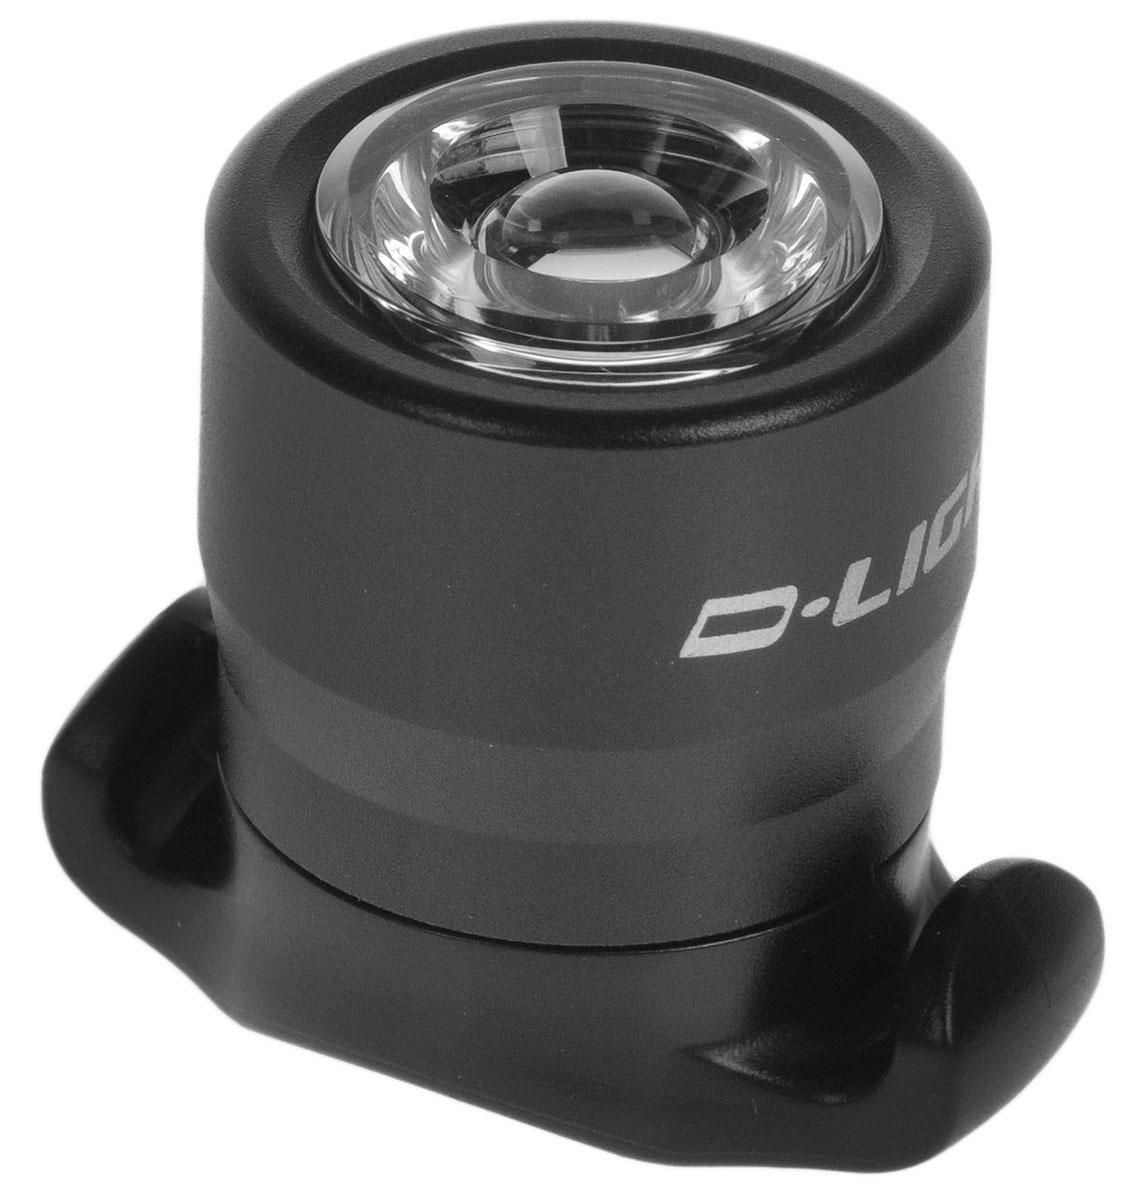 Фонарь велосипедный D-Light CG-212W, габаритный, передний, цвет: черныйCG-212W-BlackПередний габаритный велофонарь D-Light CG-212W предназначен для обеспечения большей безопасности при поездках в темное время суток. Он легко крепится и снимается без дополнительных инструментов. Корпус изделия выполнен из прочного алюминия. Фонарь имеет 2 режима: мигание и постоянное свечение. Он водонепроницаем, имеет один SMD белый светодиод. Фонарь питается от 2 батарей типа CR2032 (входят в комплект). Время свечения: 30 ч. Время мигания: 90 ч. Диаметр фонаря: 2,7 см. Высота фонаря: 3,5 см.